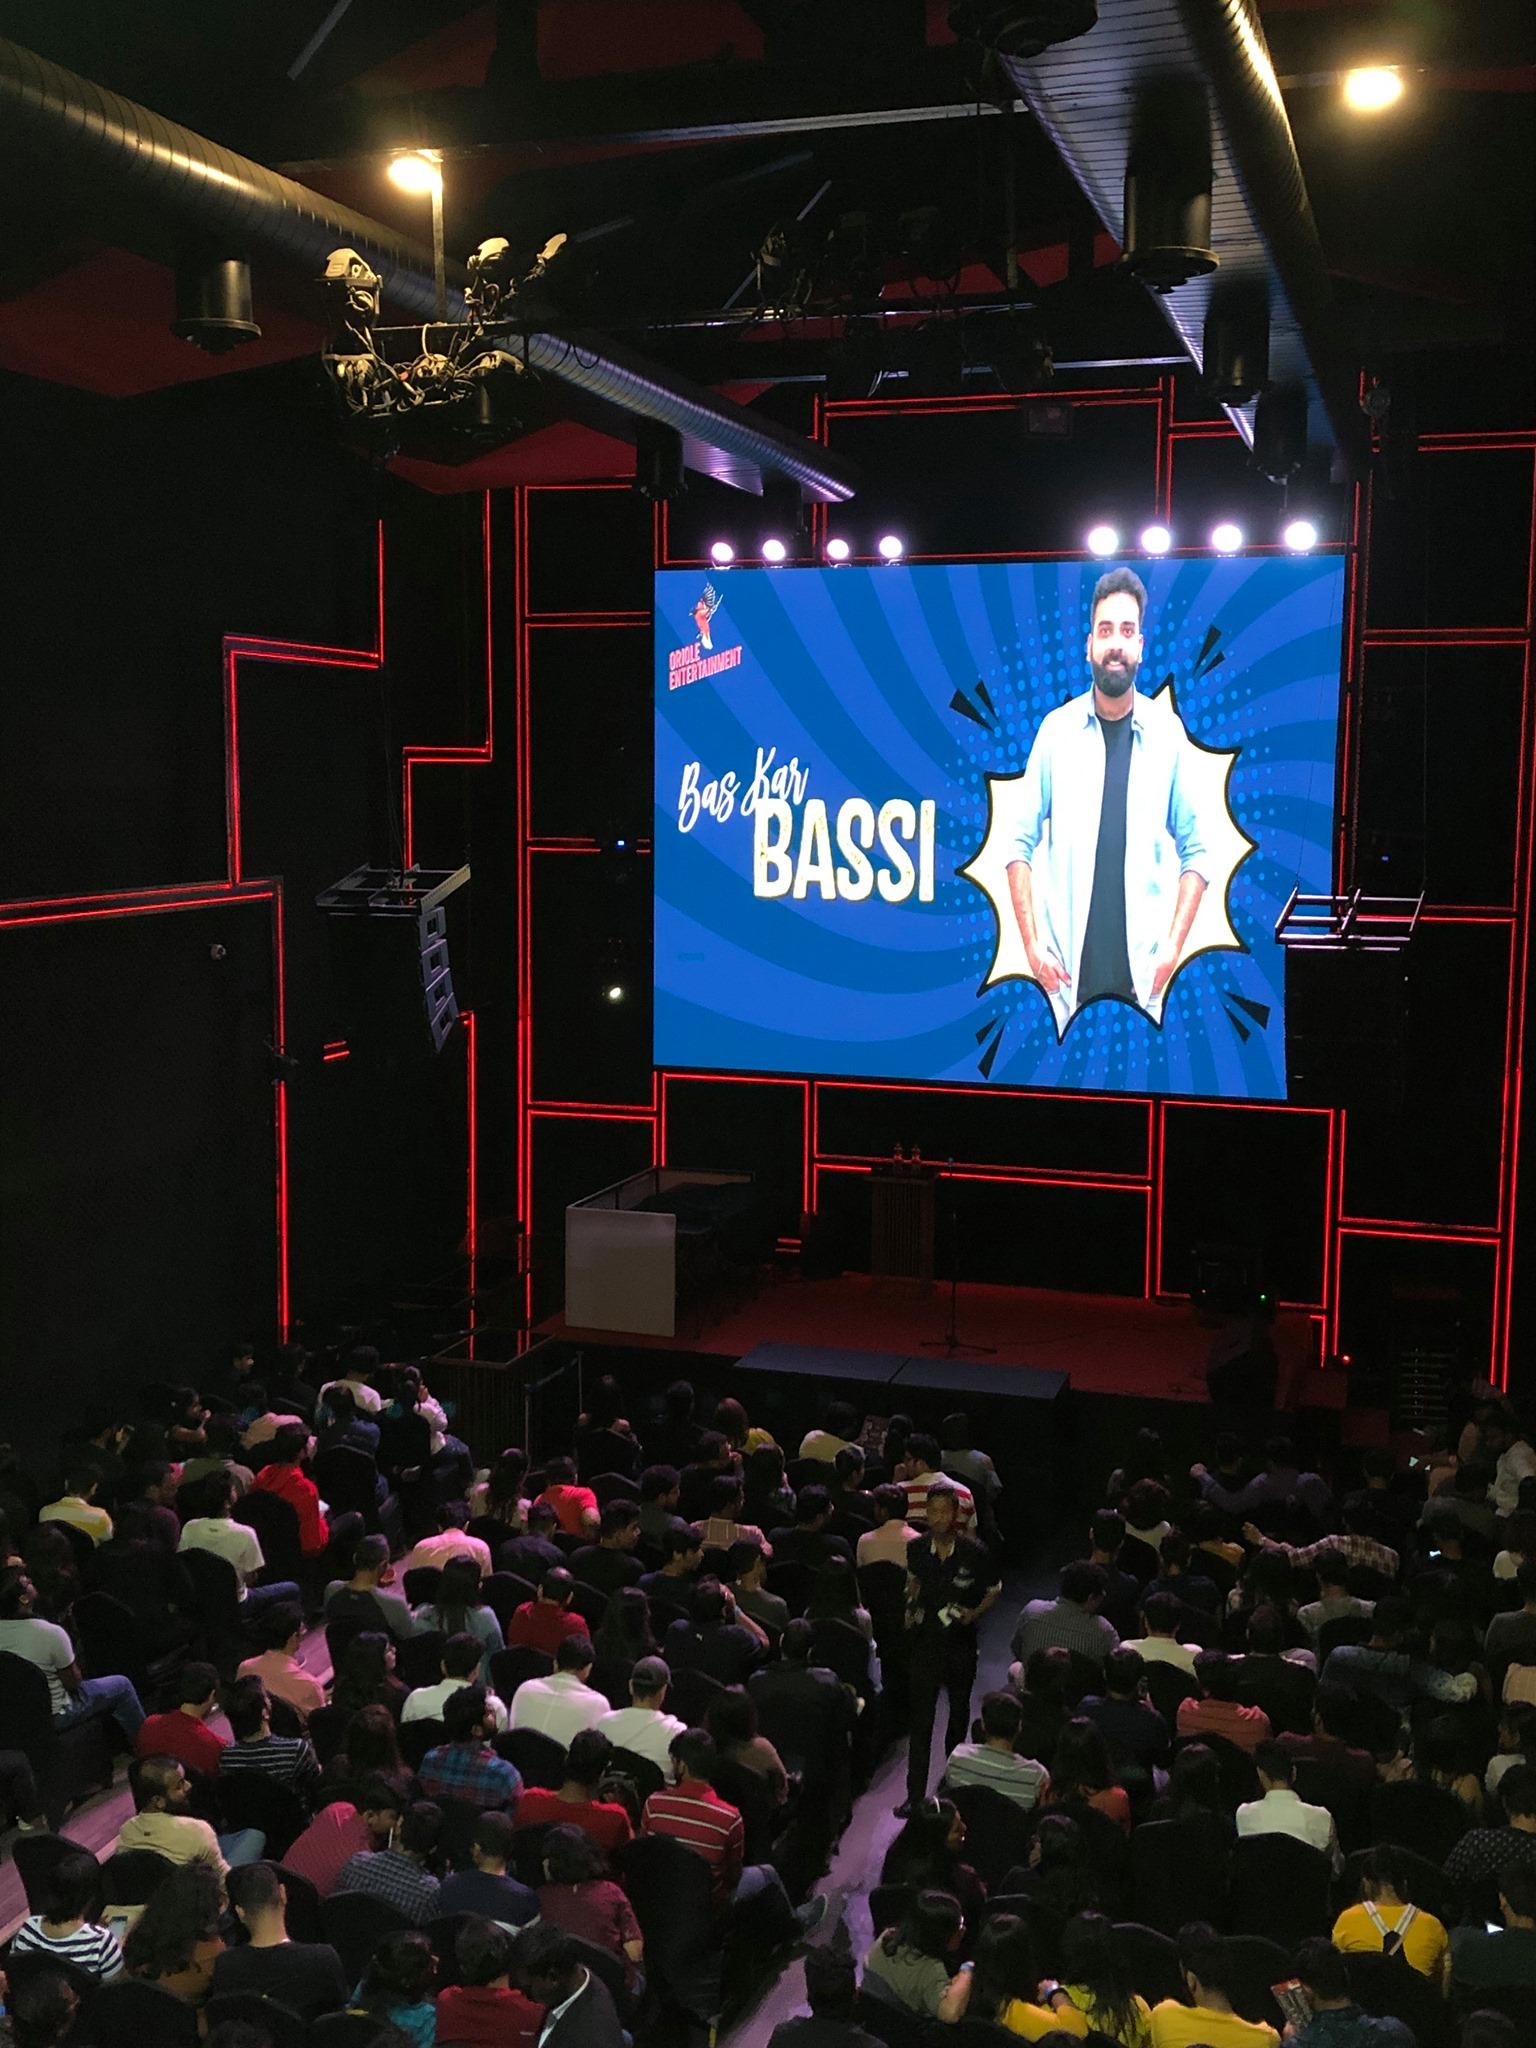 Bass Kar Bassi: Humour Sapiens